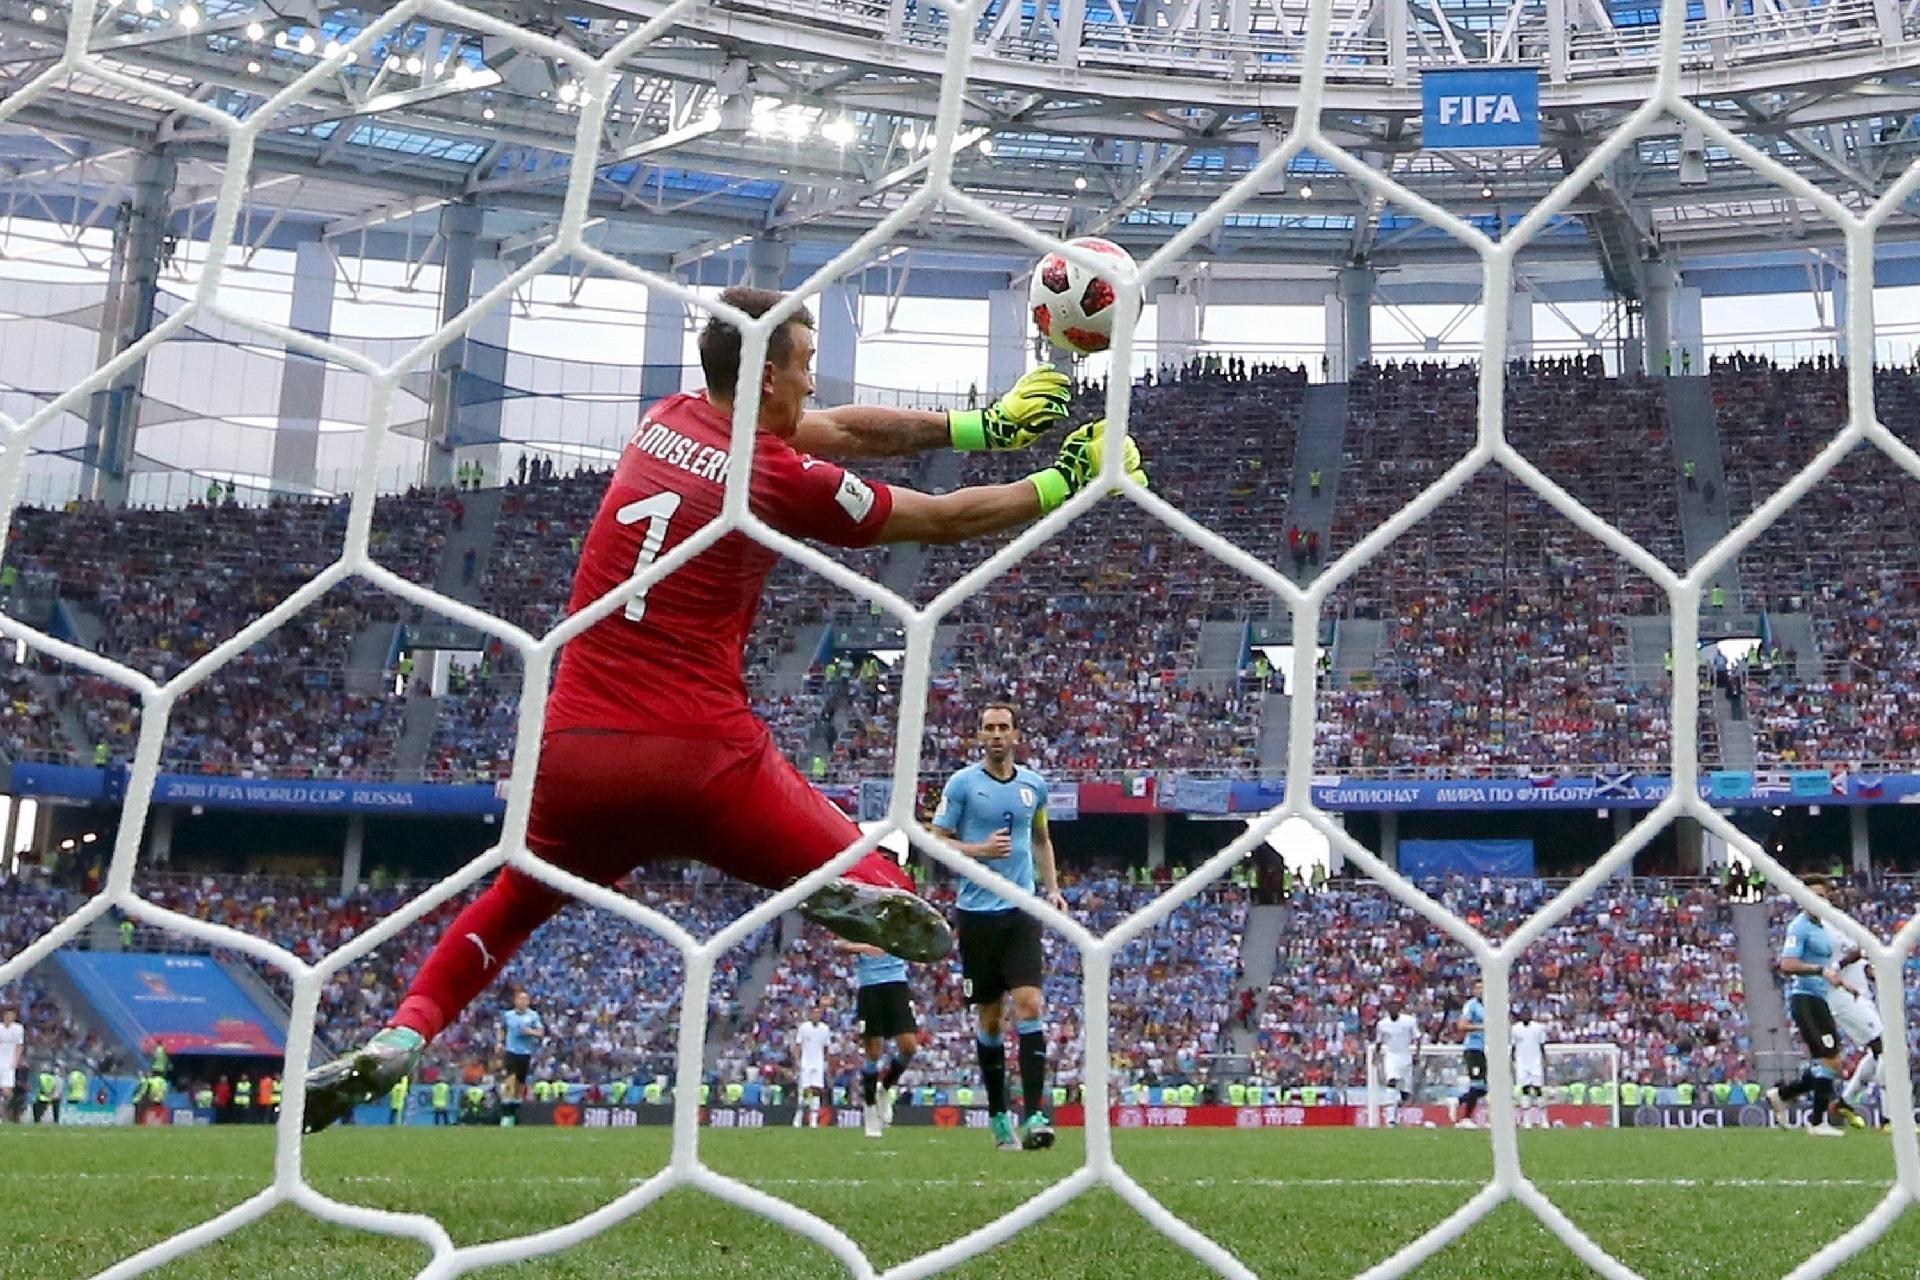 França na Copa 2018  França e Uruguai se enfrentam nas quartas da Copa  nesta sexta (06 07) - UOL Copa do Mundo 2018 0f4126729180d